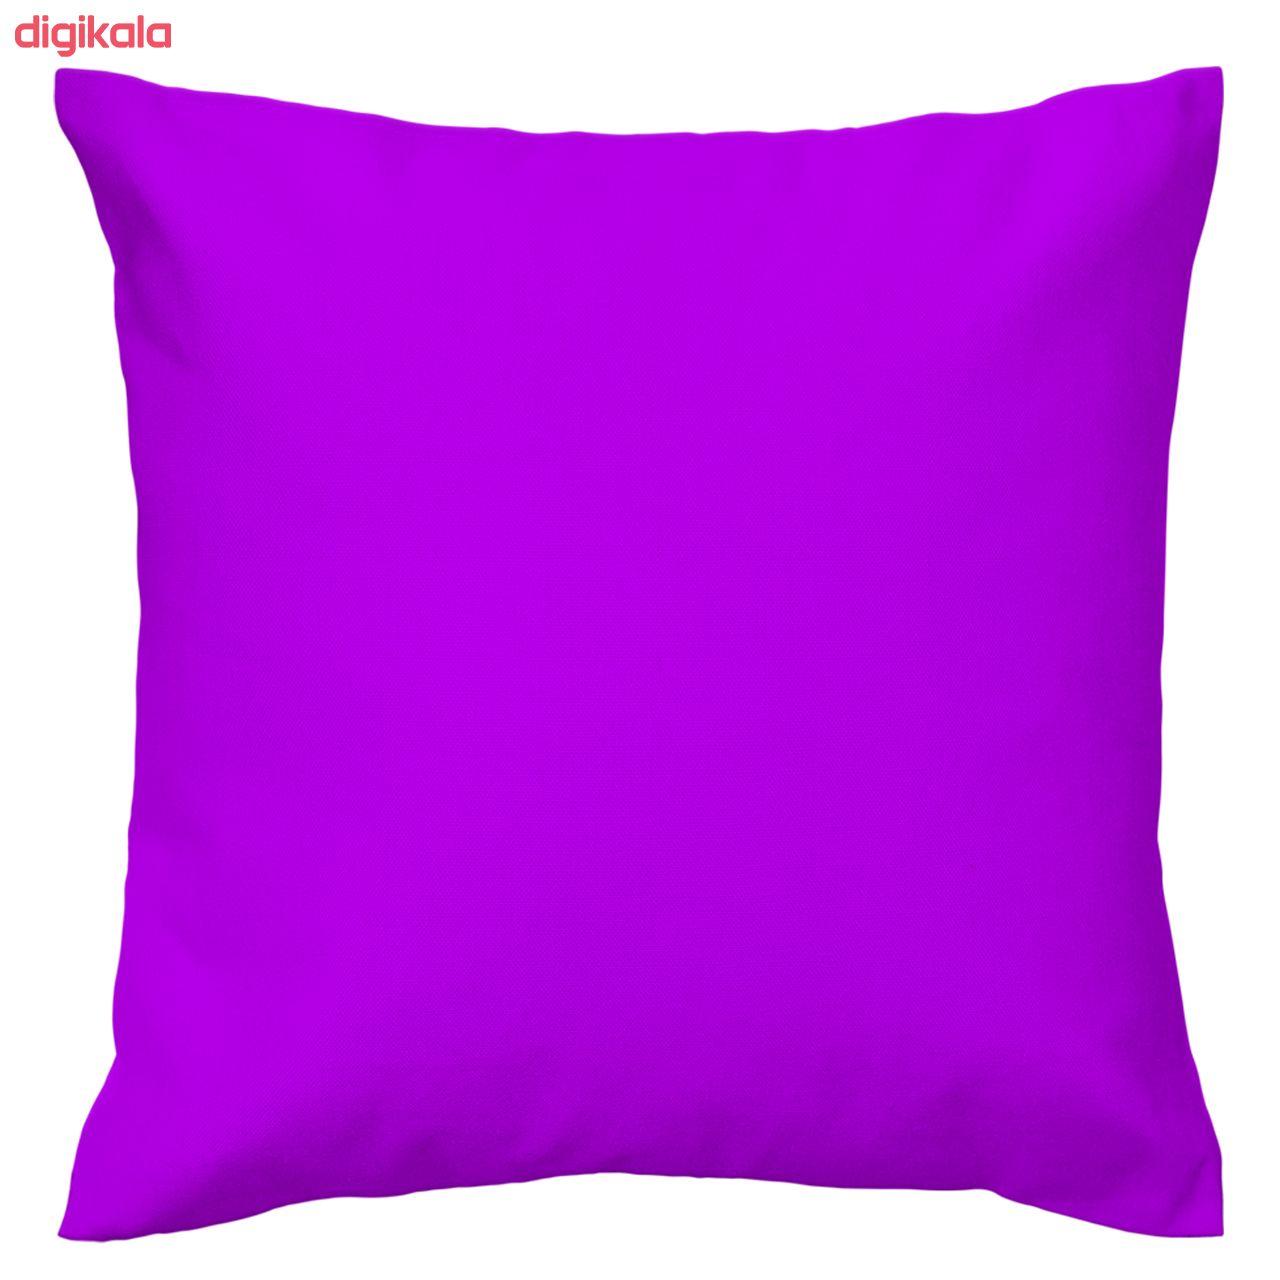 کاور کوسن طرح رنگ کد co513 main 1 4